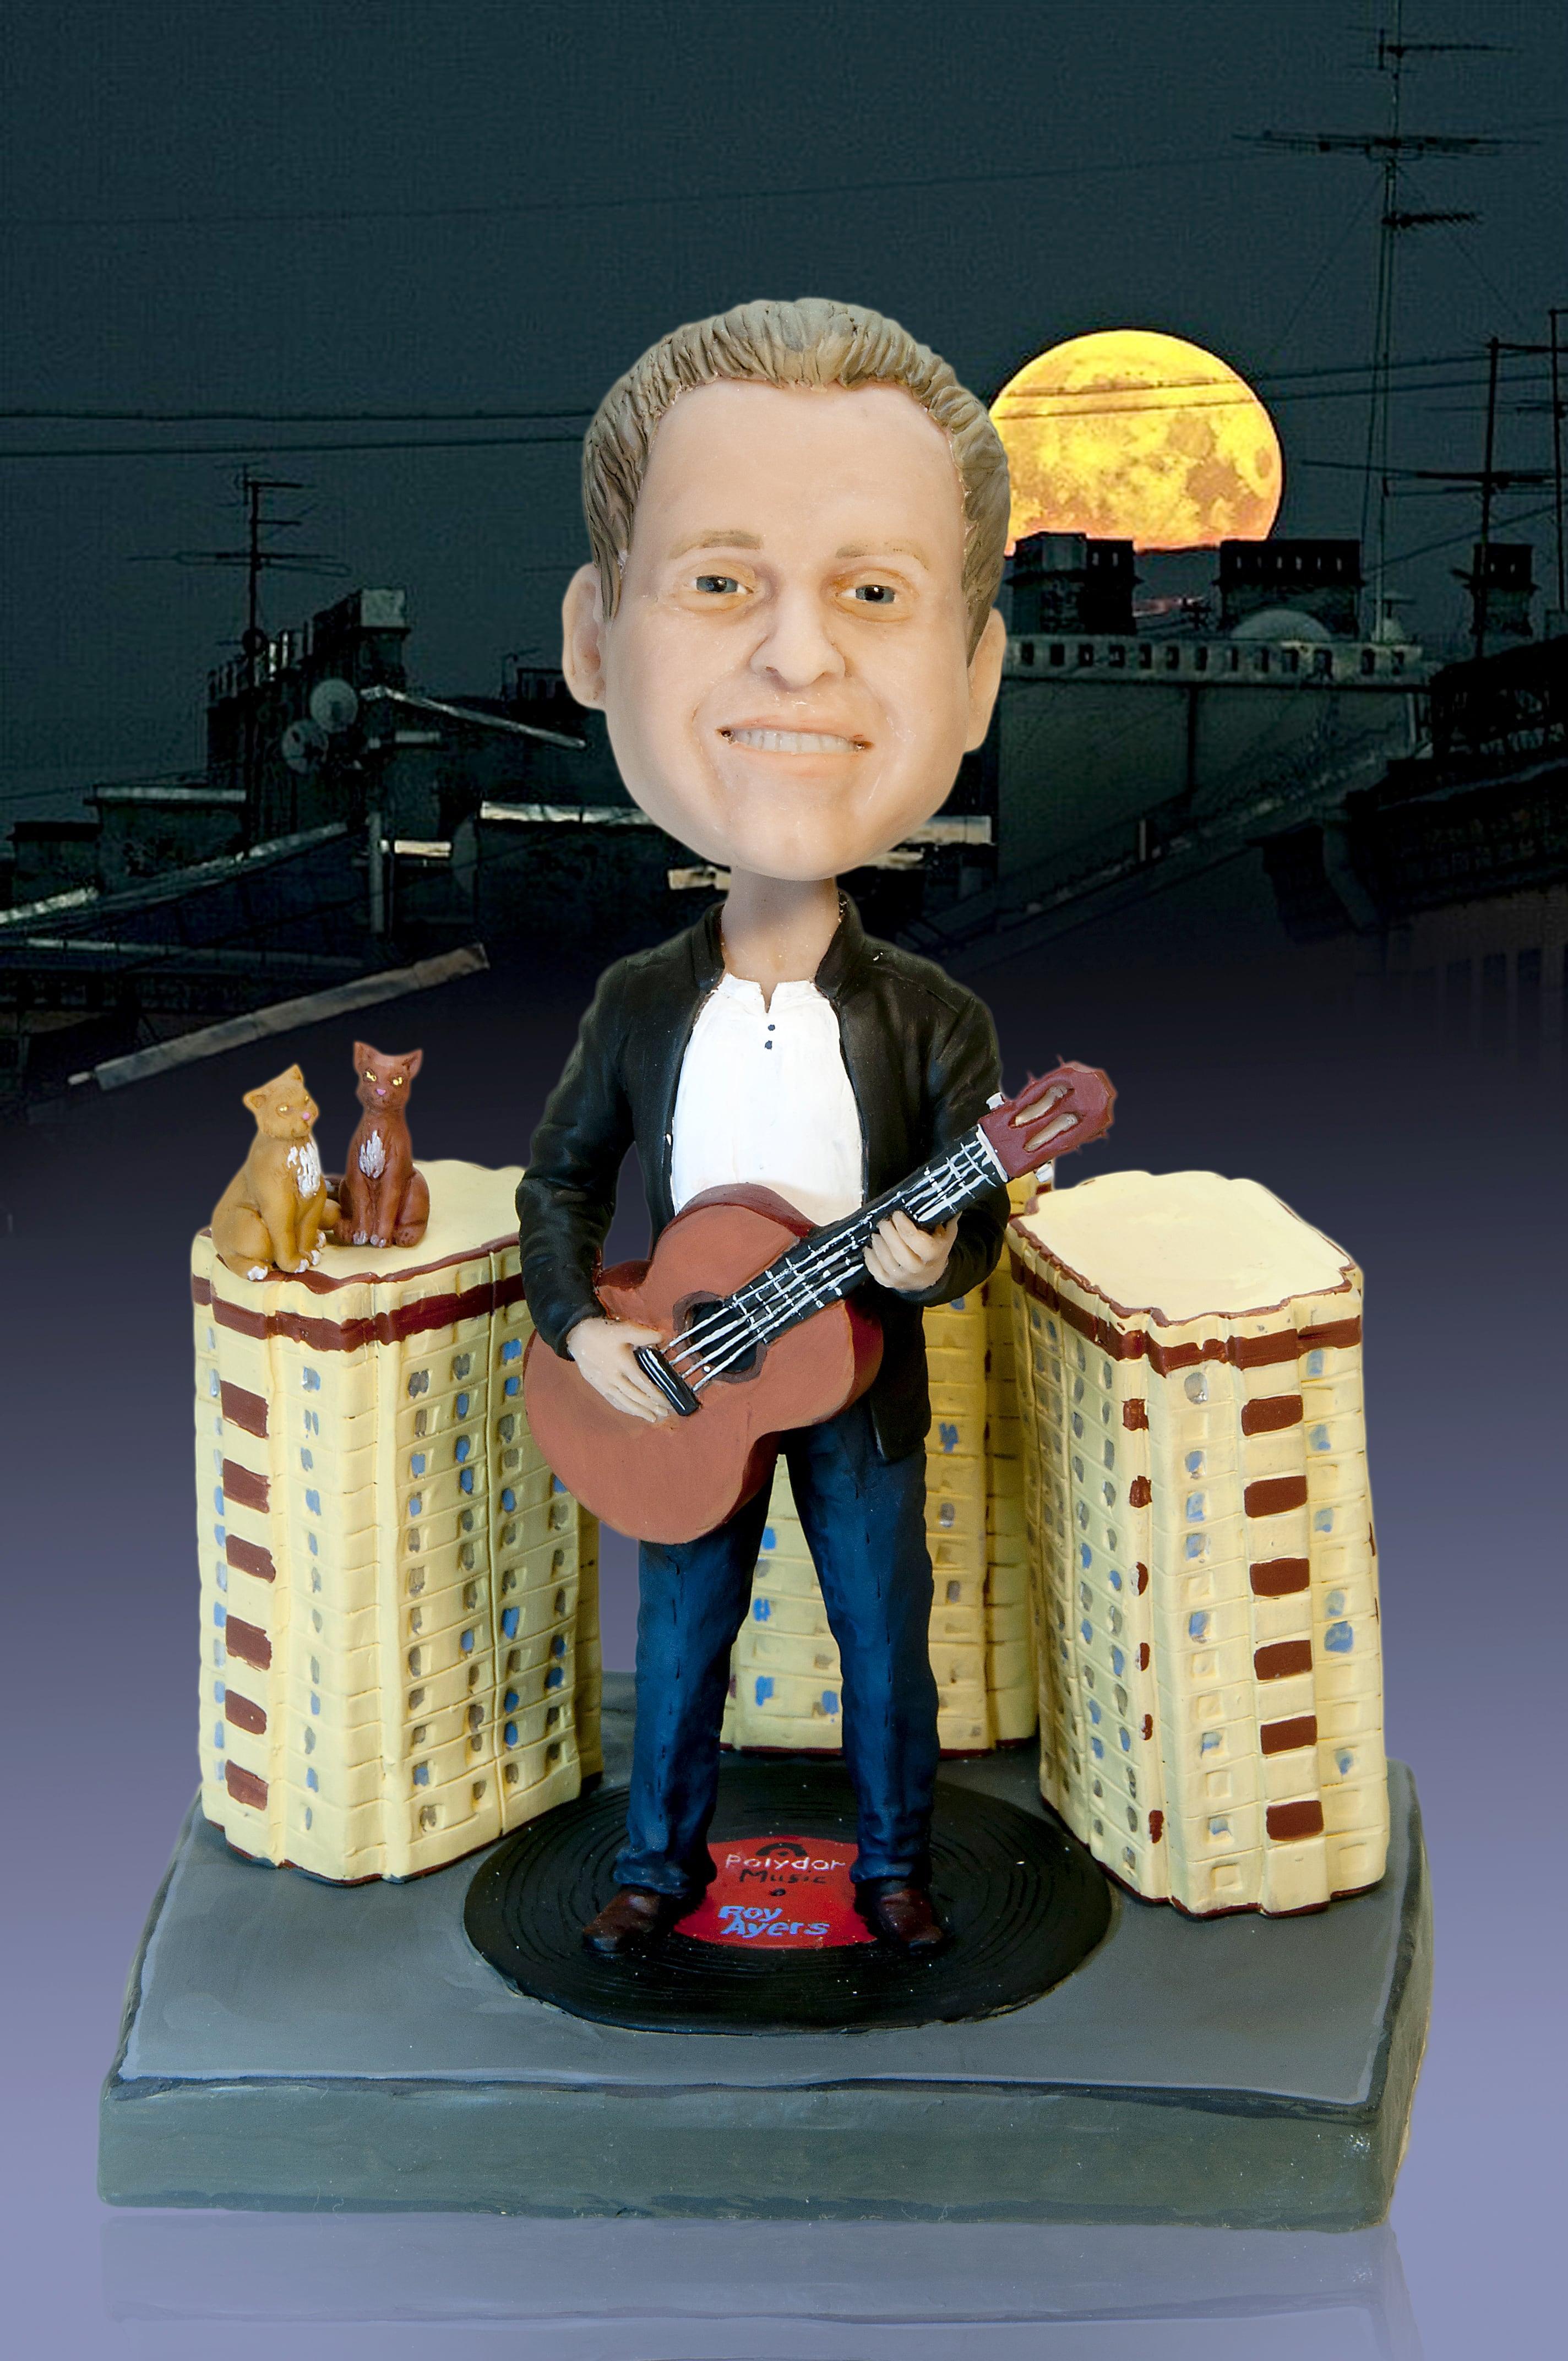 Подарок музыканту Городская звезда